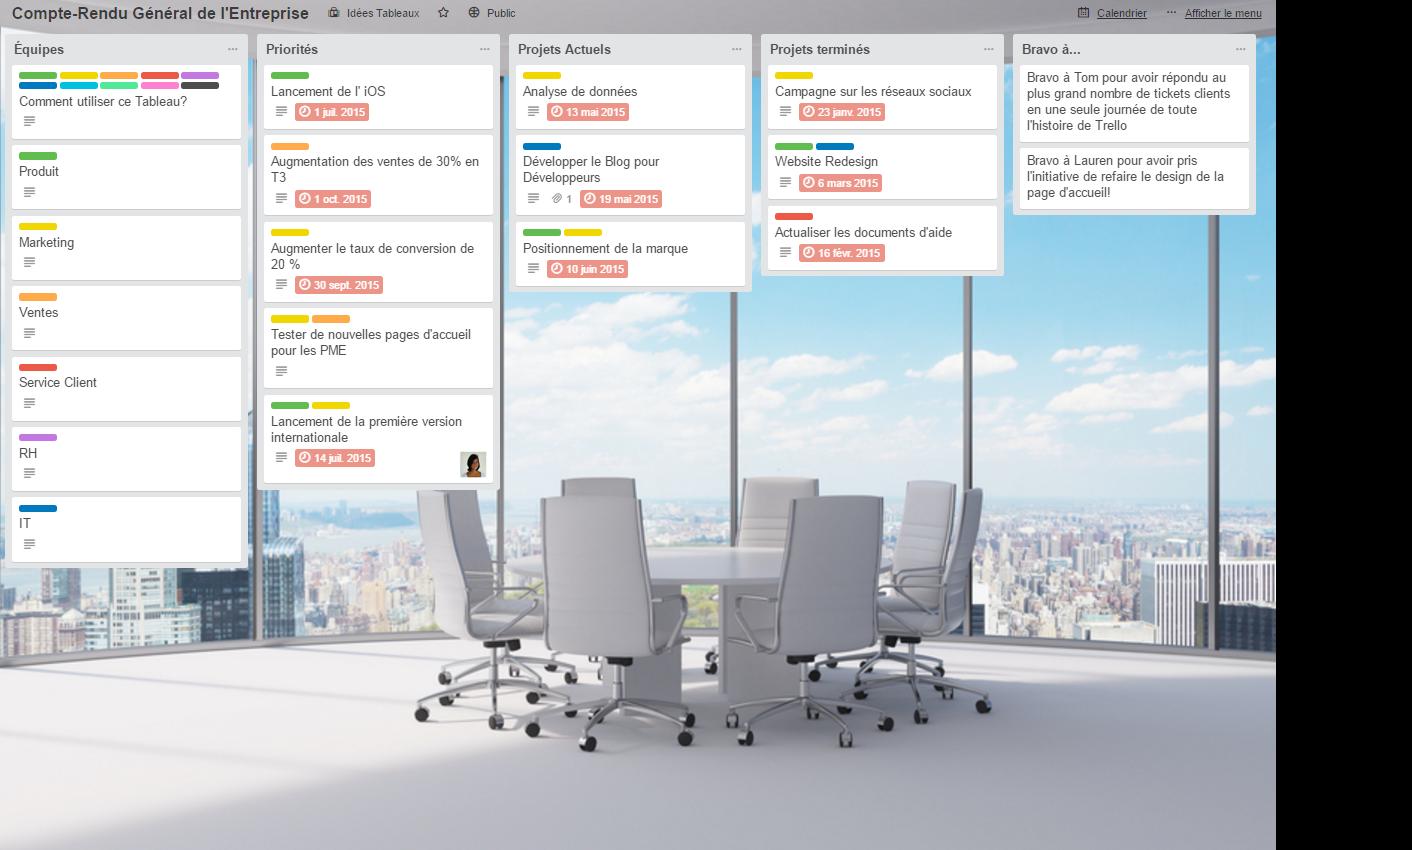 Communication interne de l'entreprise - Exemple de tableau Trello